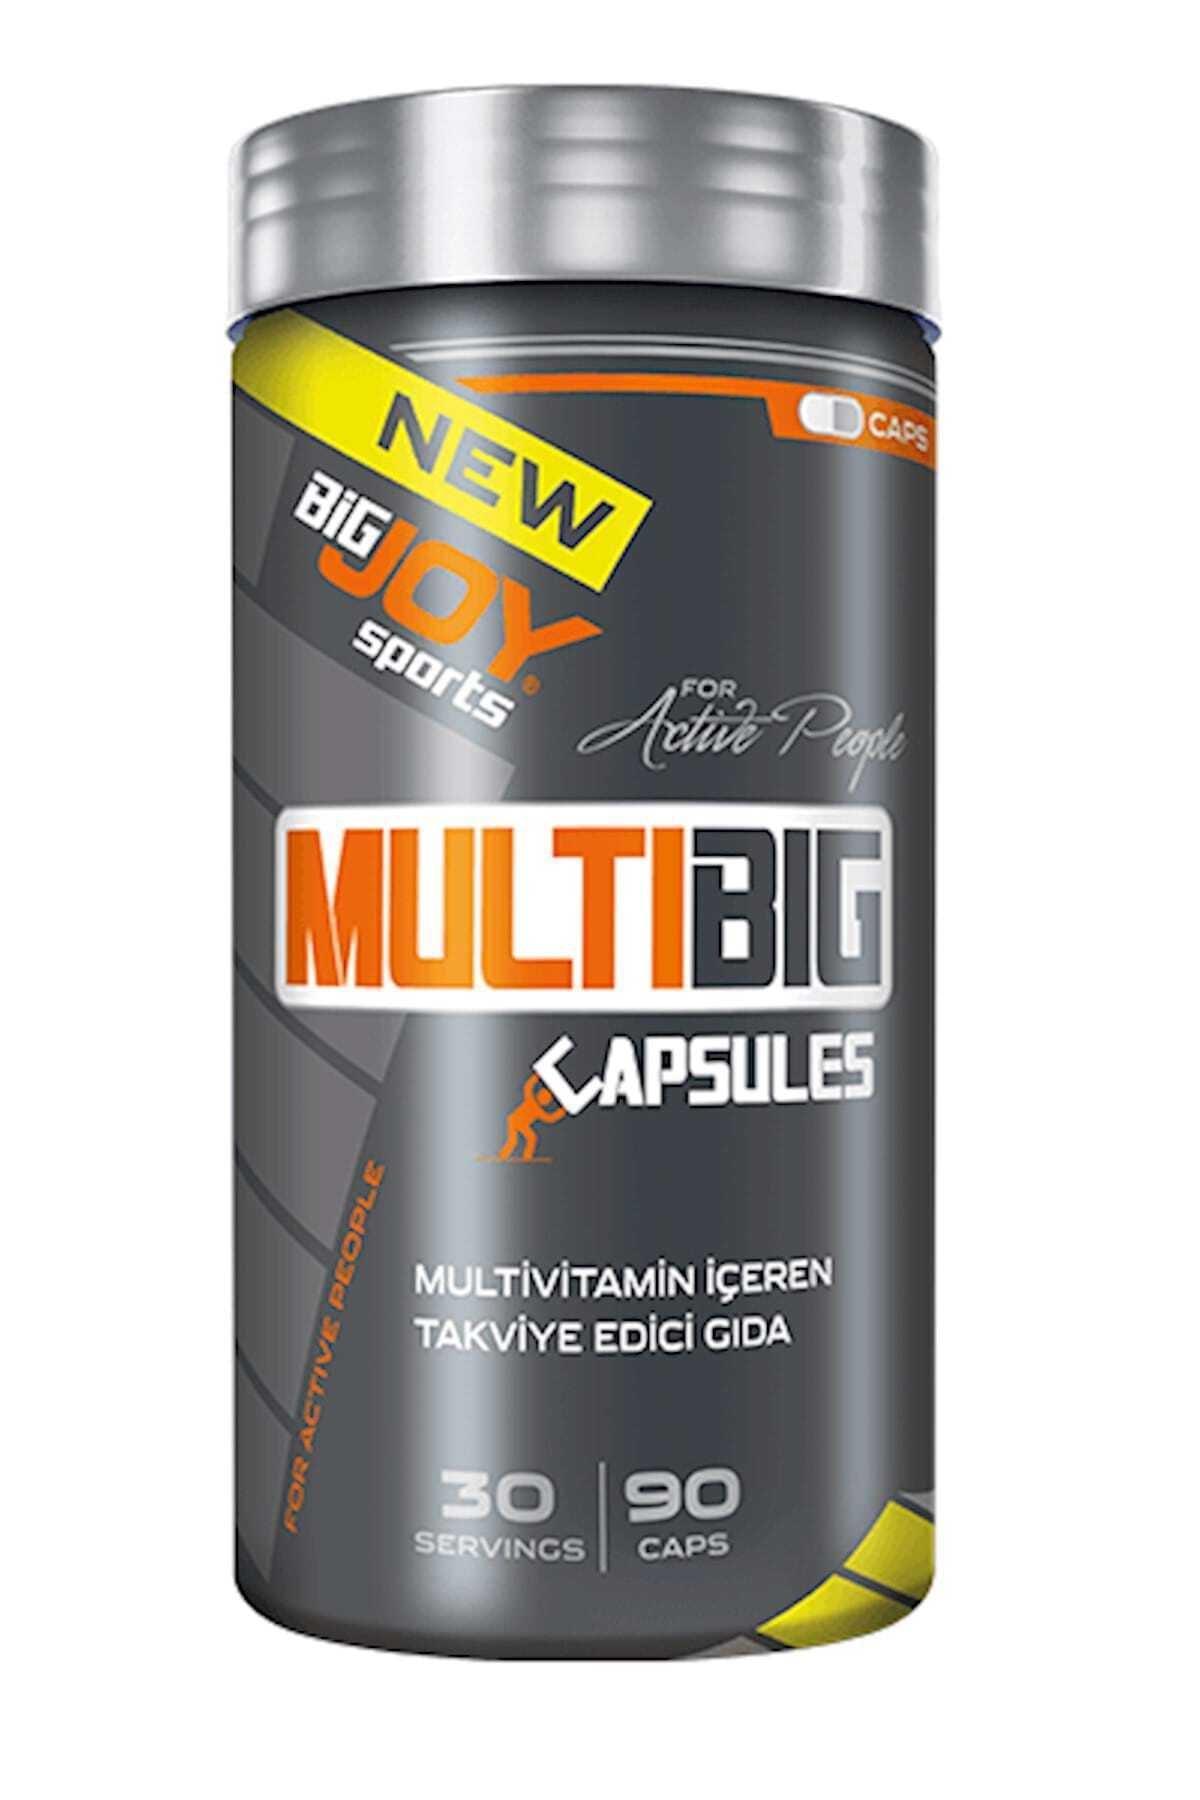 Big Joy Sports Multibig Multivitamin Vitamin Enerji Takviye Edici Gıda 90 Kapsül 1